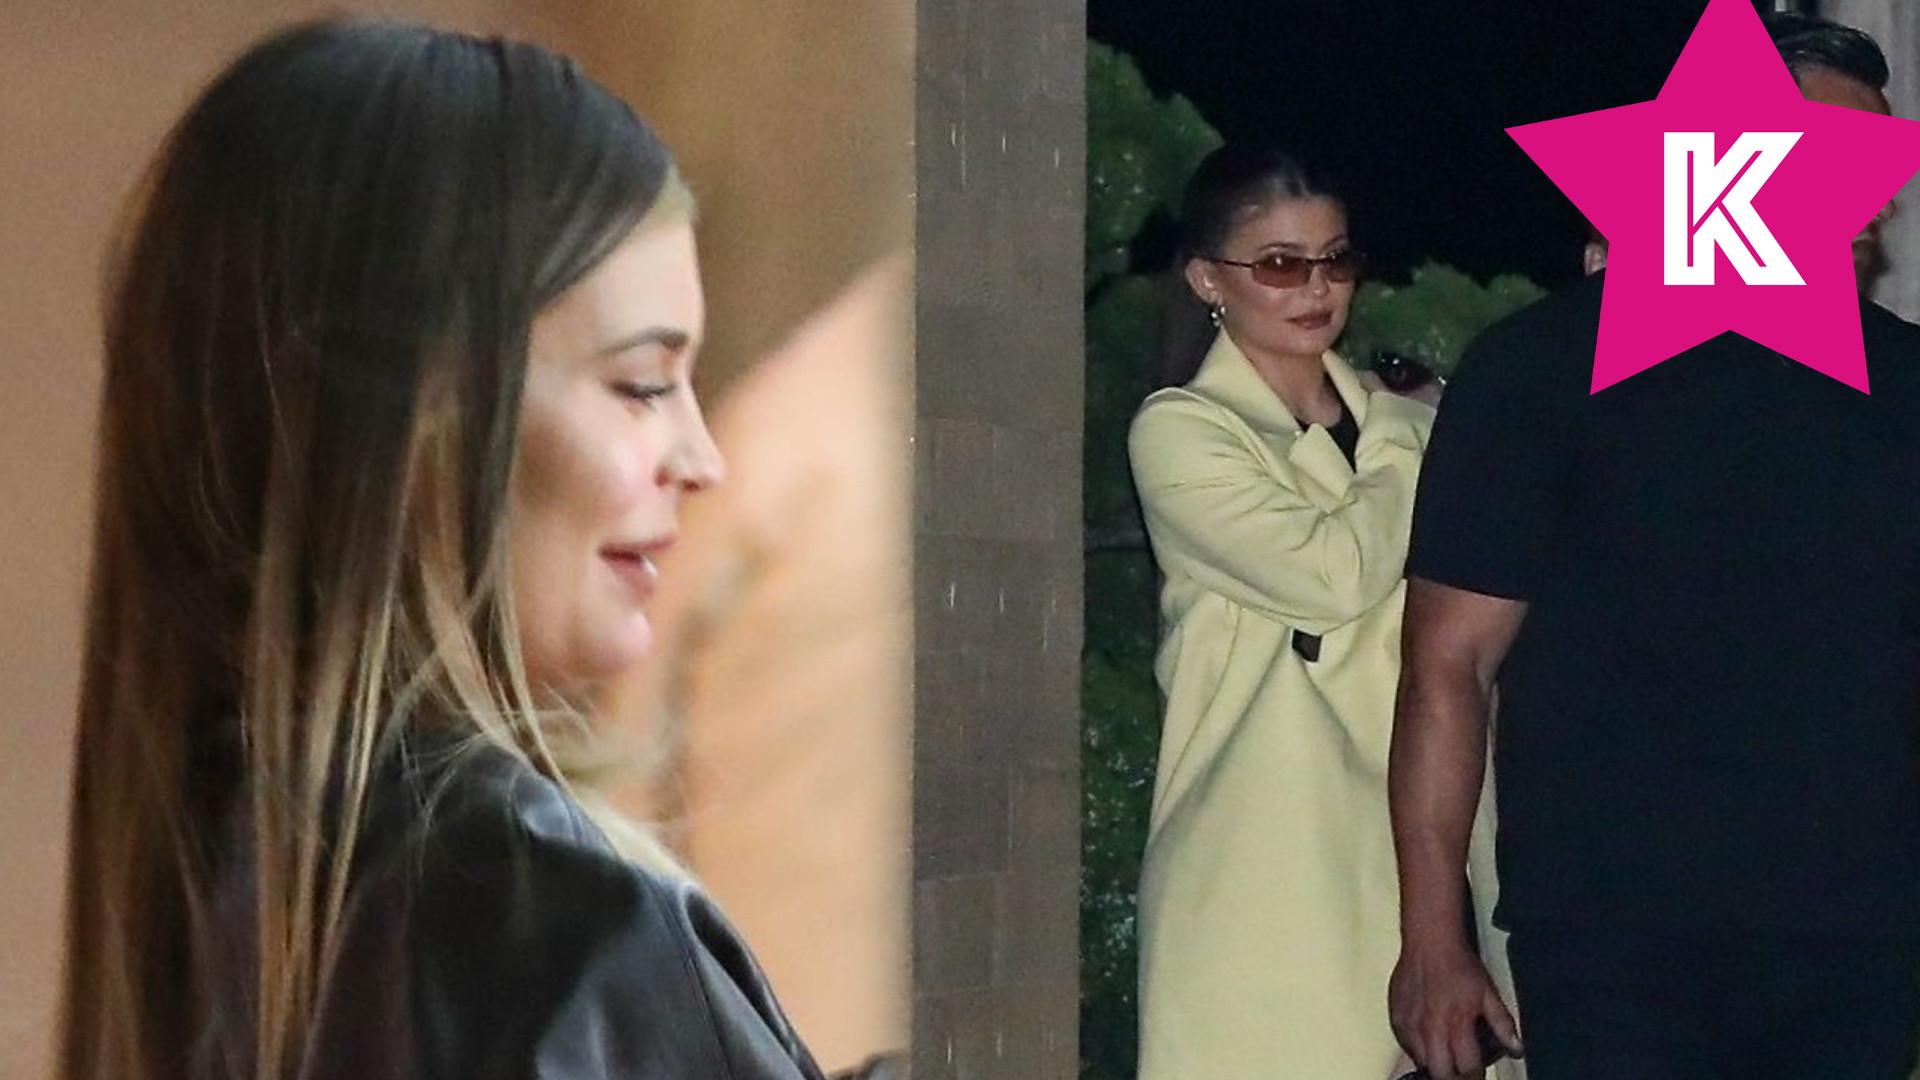 Kylie Jenner randkuje teraz na potęgę. Przyłapano ją z nowym mężczyzną na kolacji